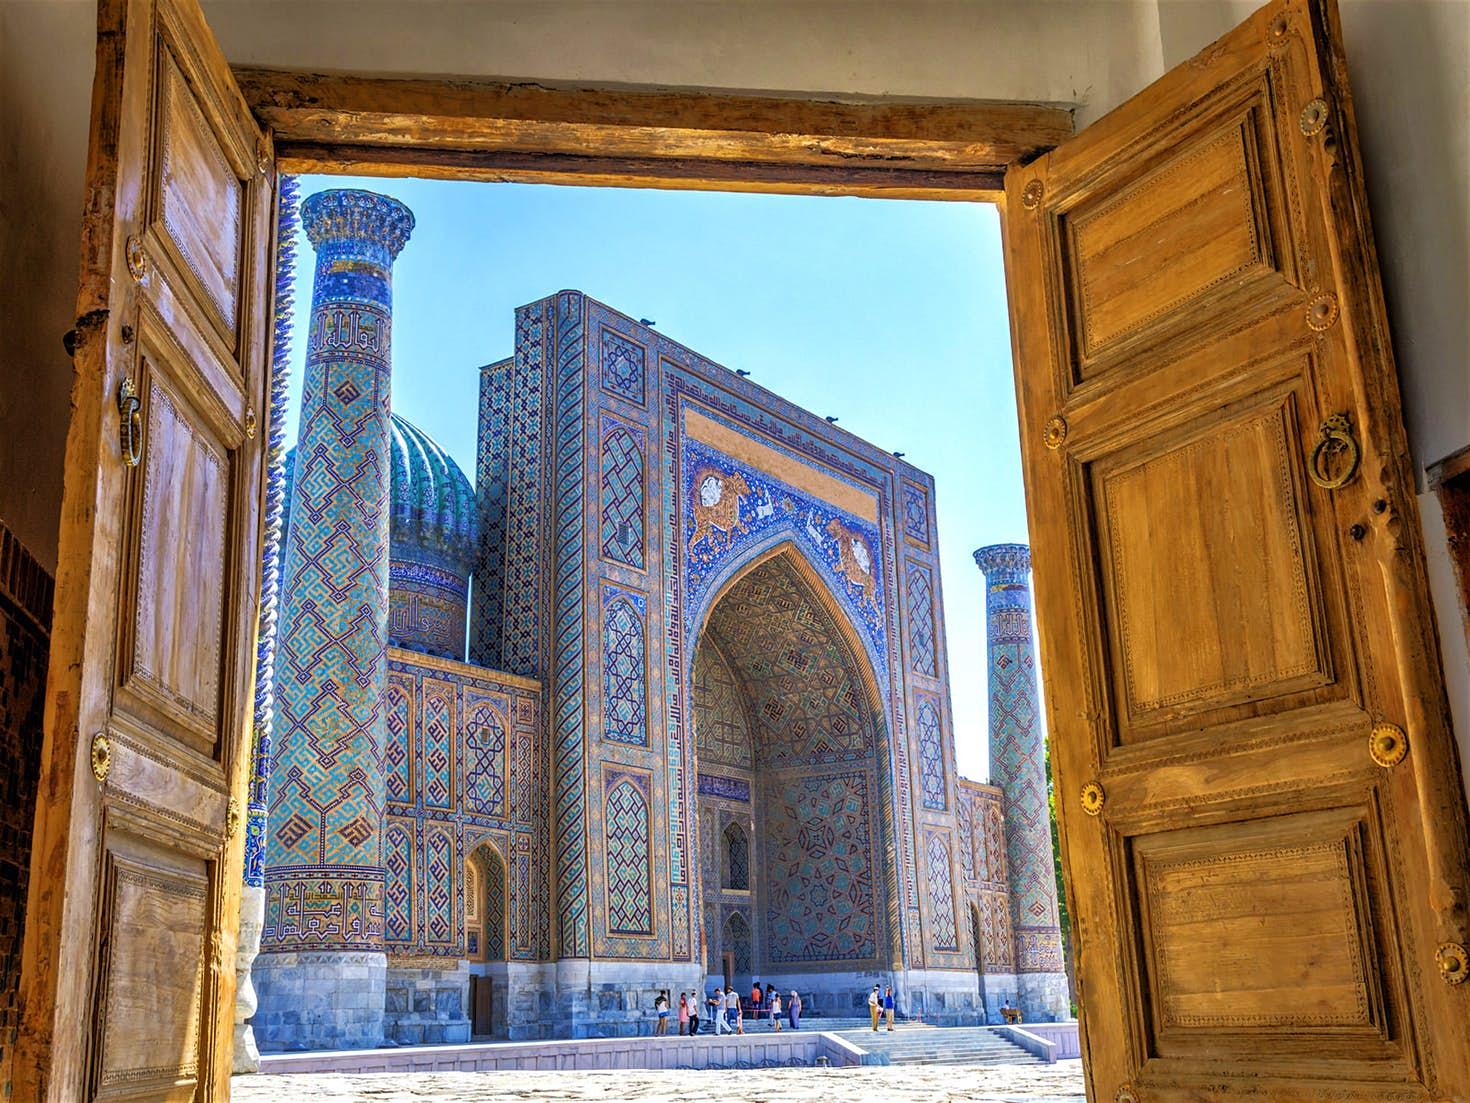 TURKMENISTÁN - AZERBAIYÁN - UZBEKISTÁN  &  Ruta  de La Seda